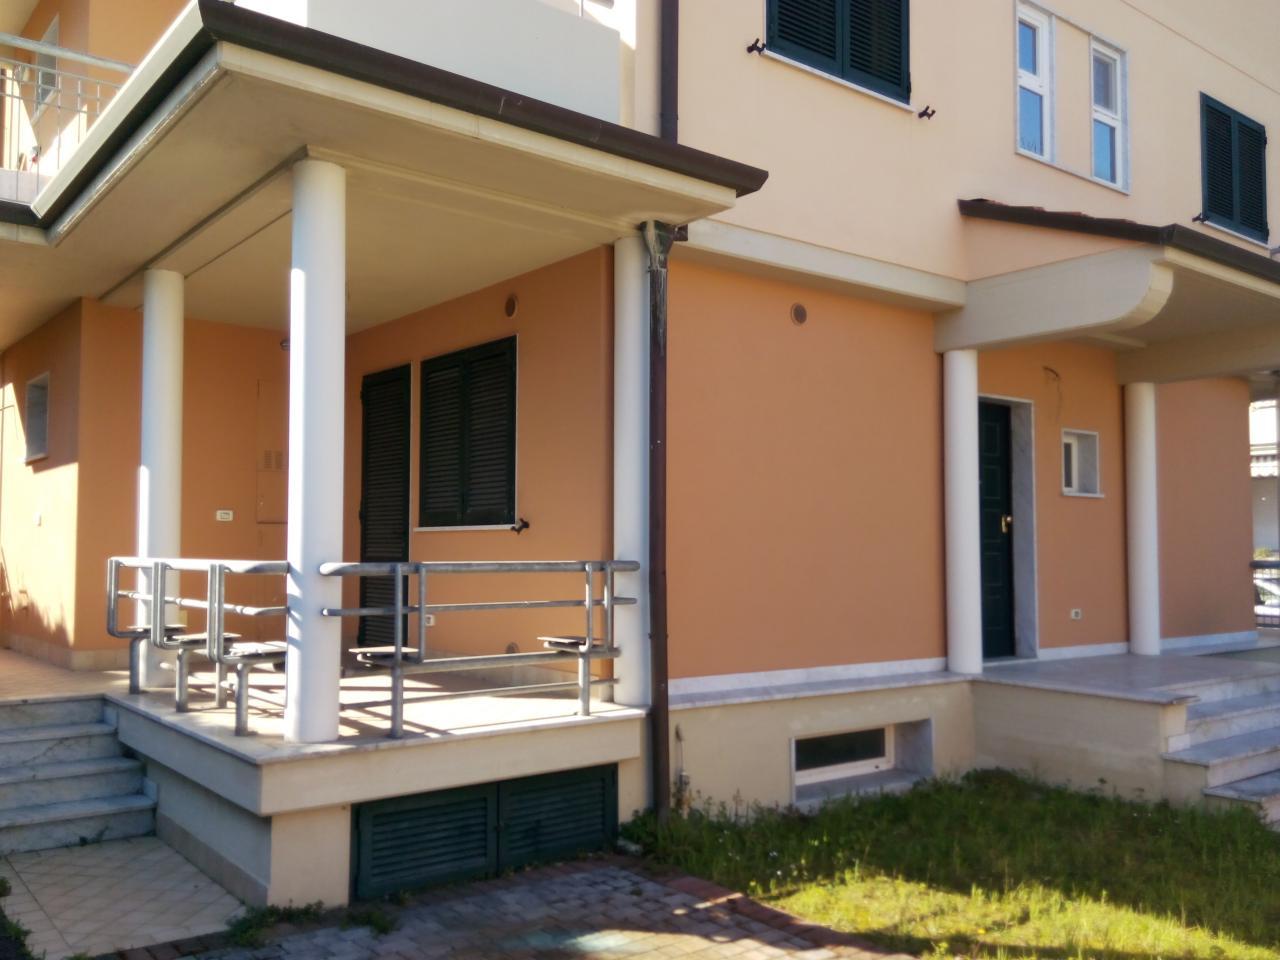 Appartamento in vendita a Viareggio, 7 locali, prezzo € 500.000 | Cambio Casa.it